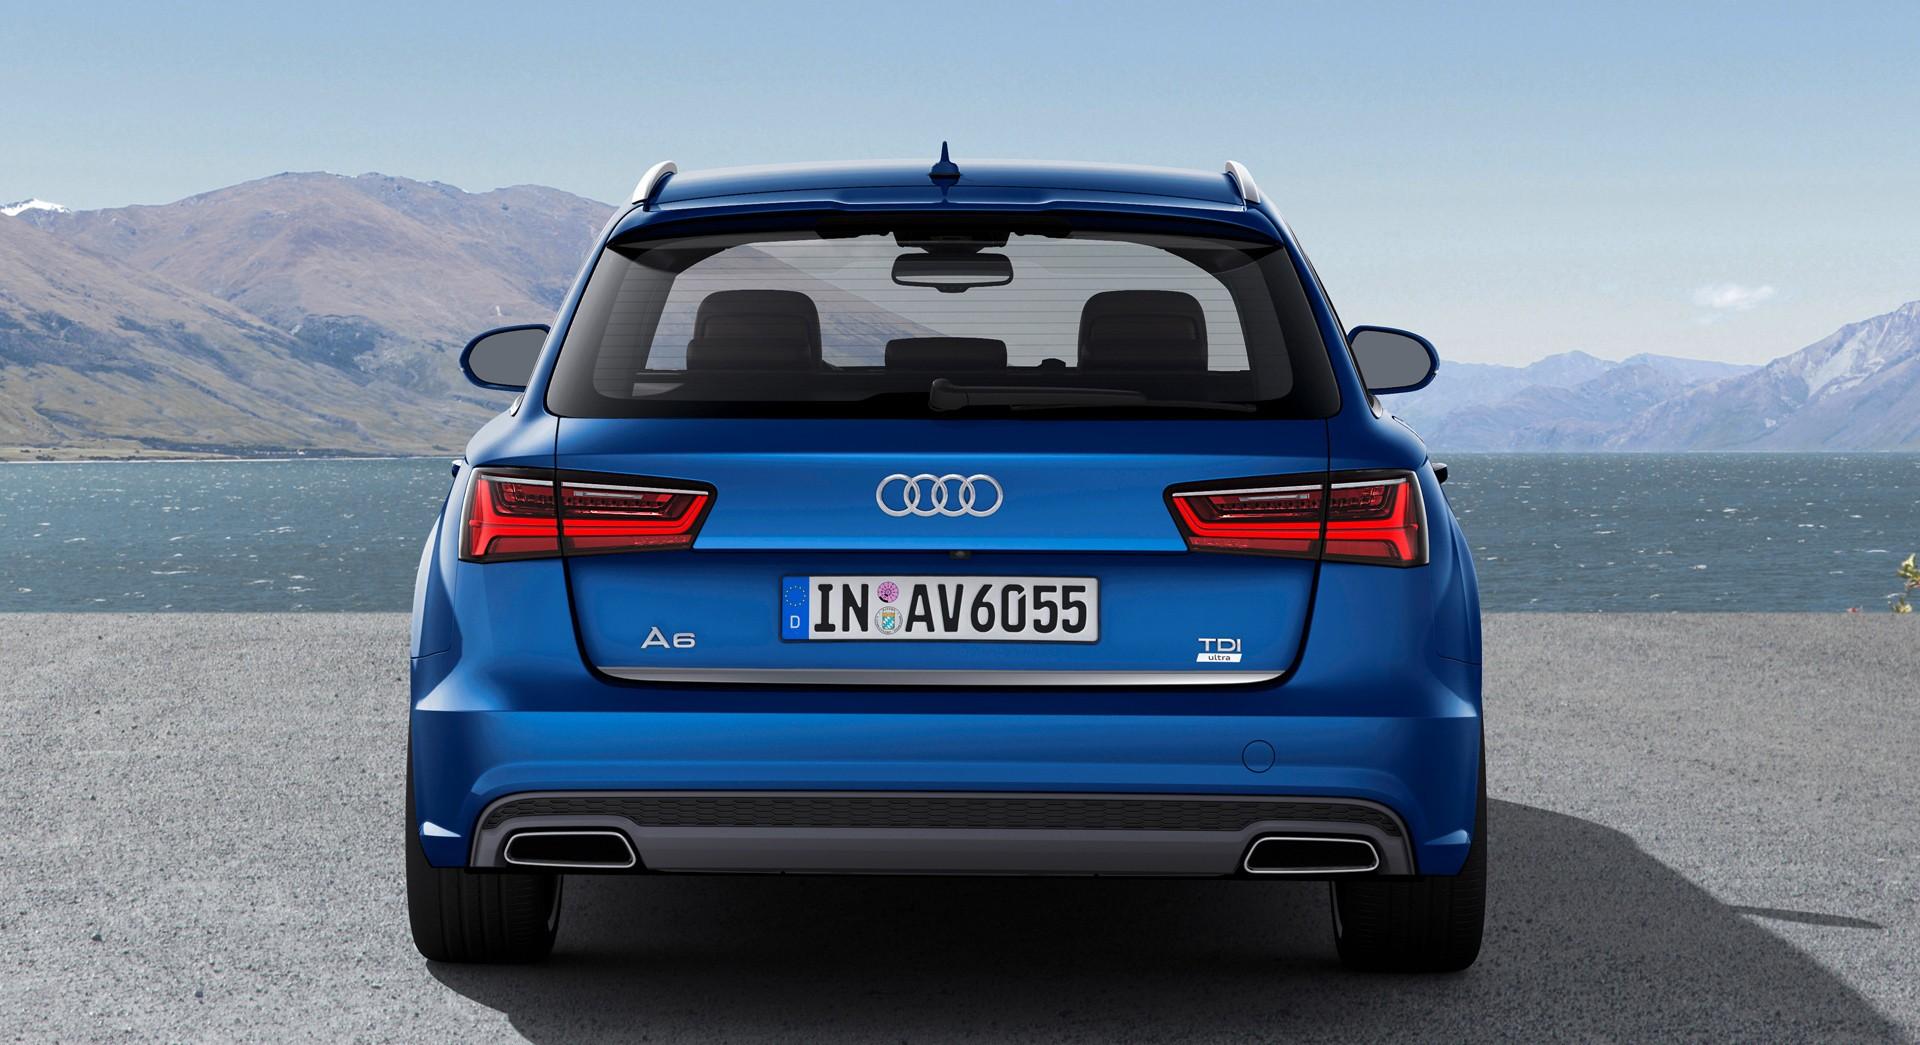 Audi A6 Avant Blue Back Hd Desktop Wallpapers 4k Hd